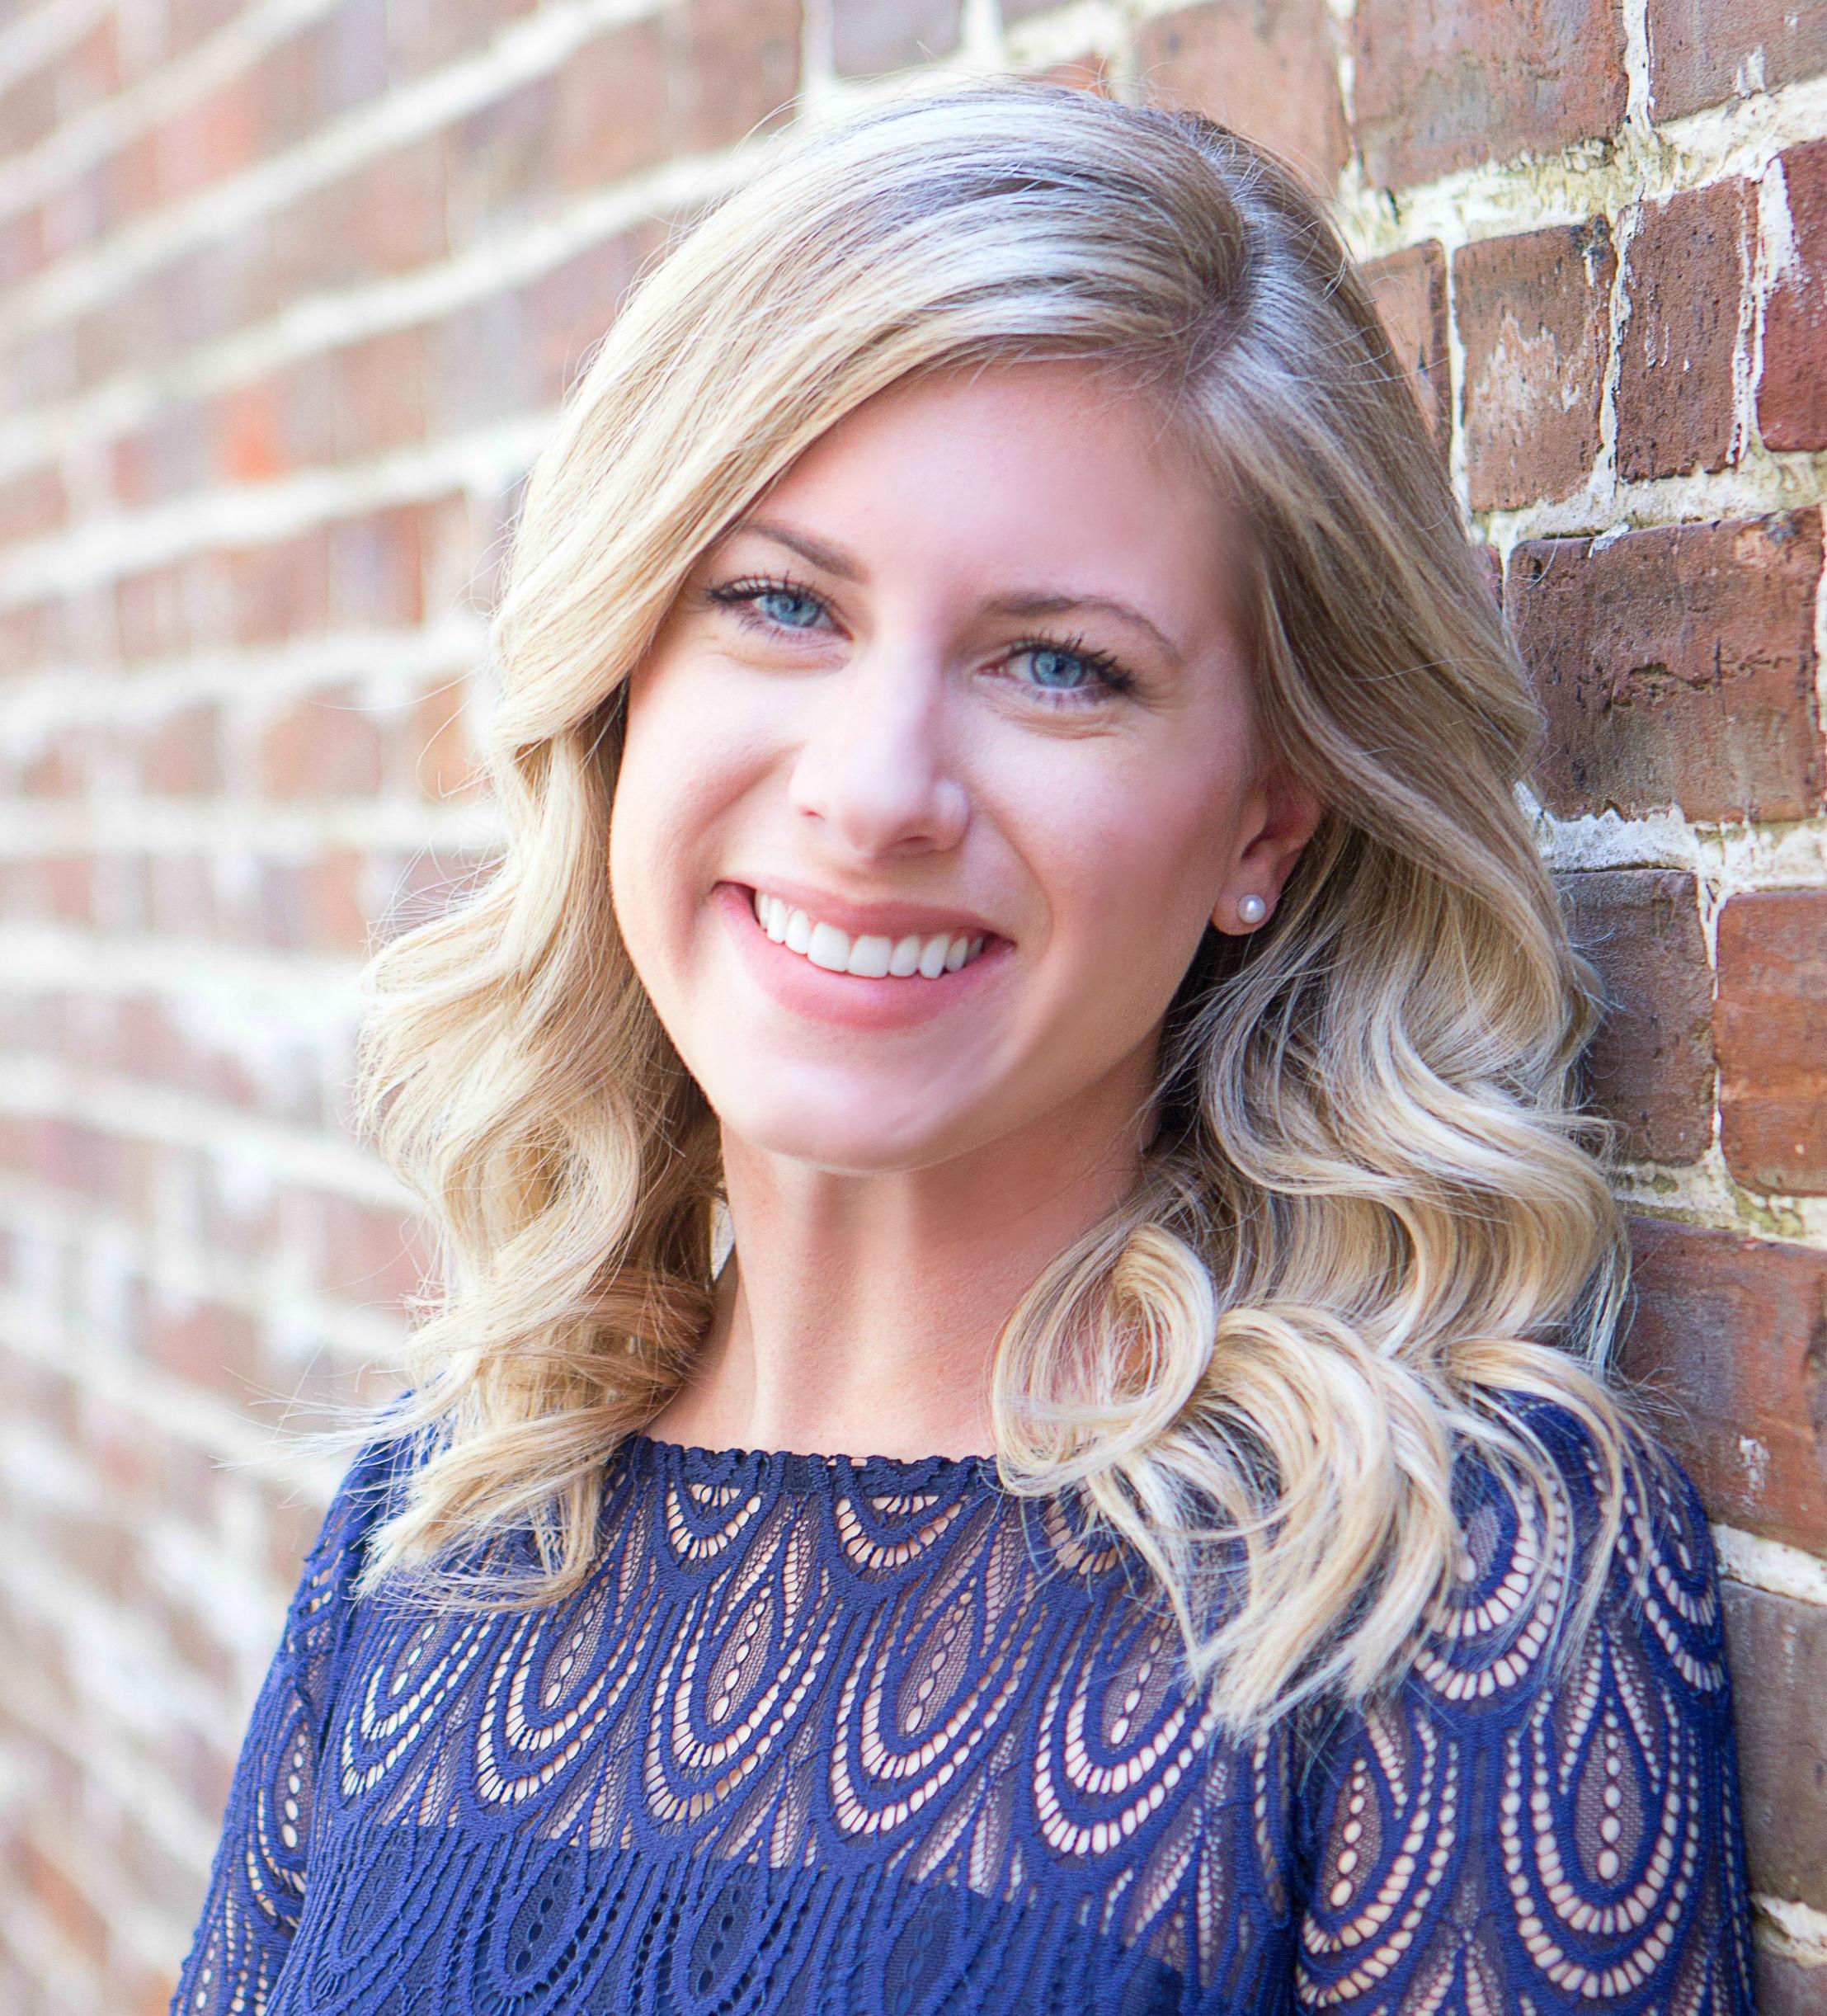 Becca McClure